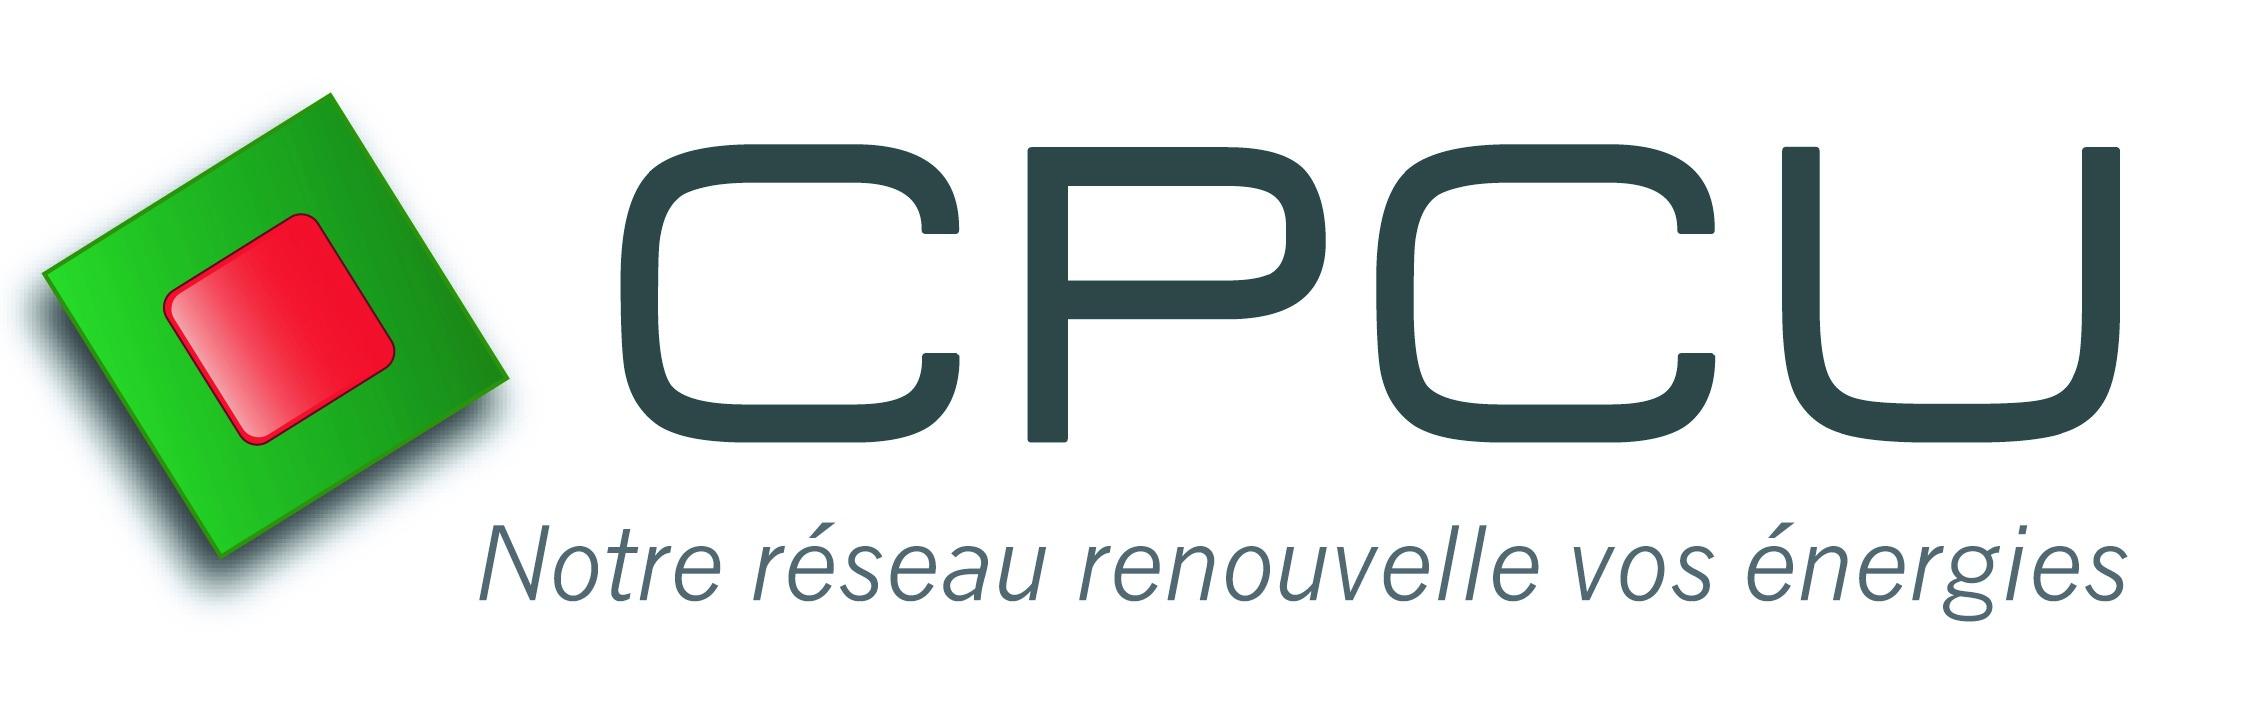 L'IEDRS, spécialiste de la médiation et de la résolution des conflits, a travaillé avec CPCU